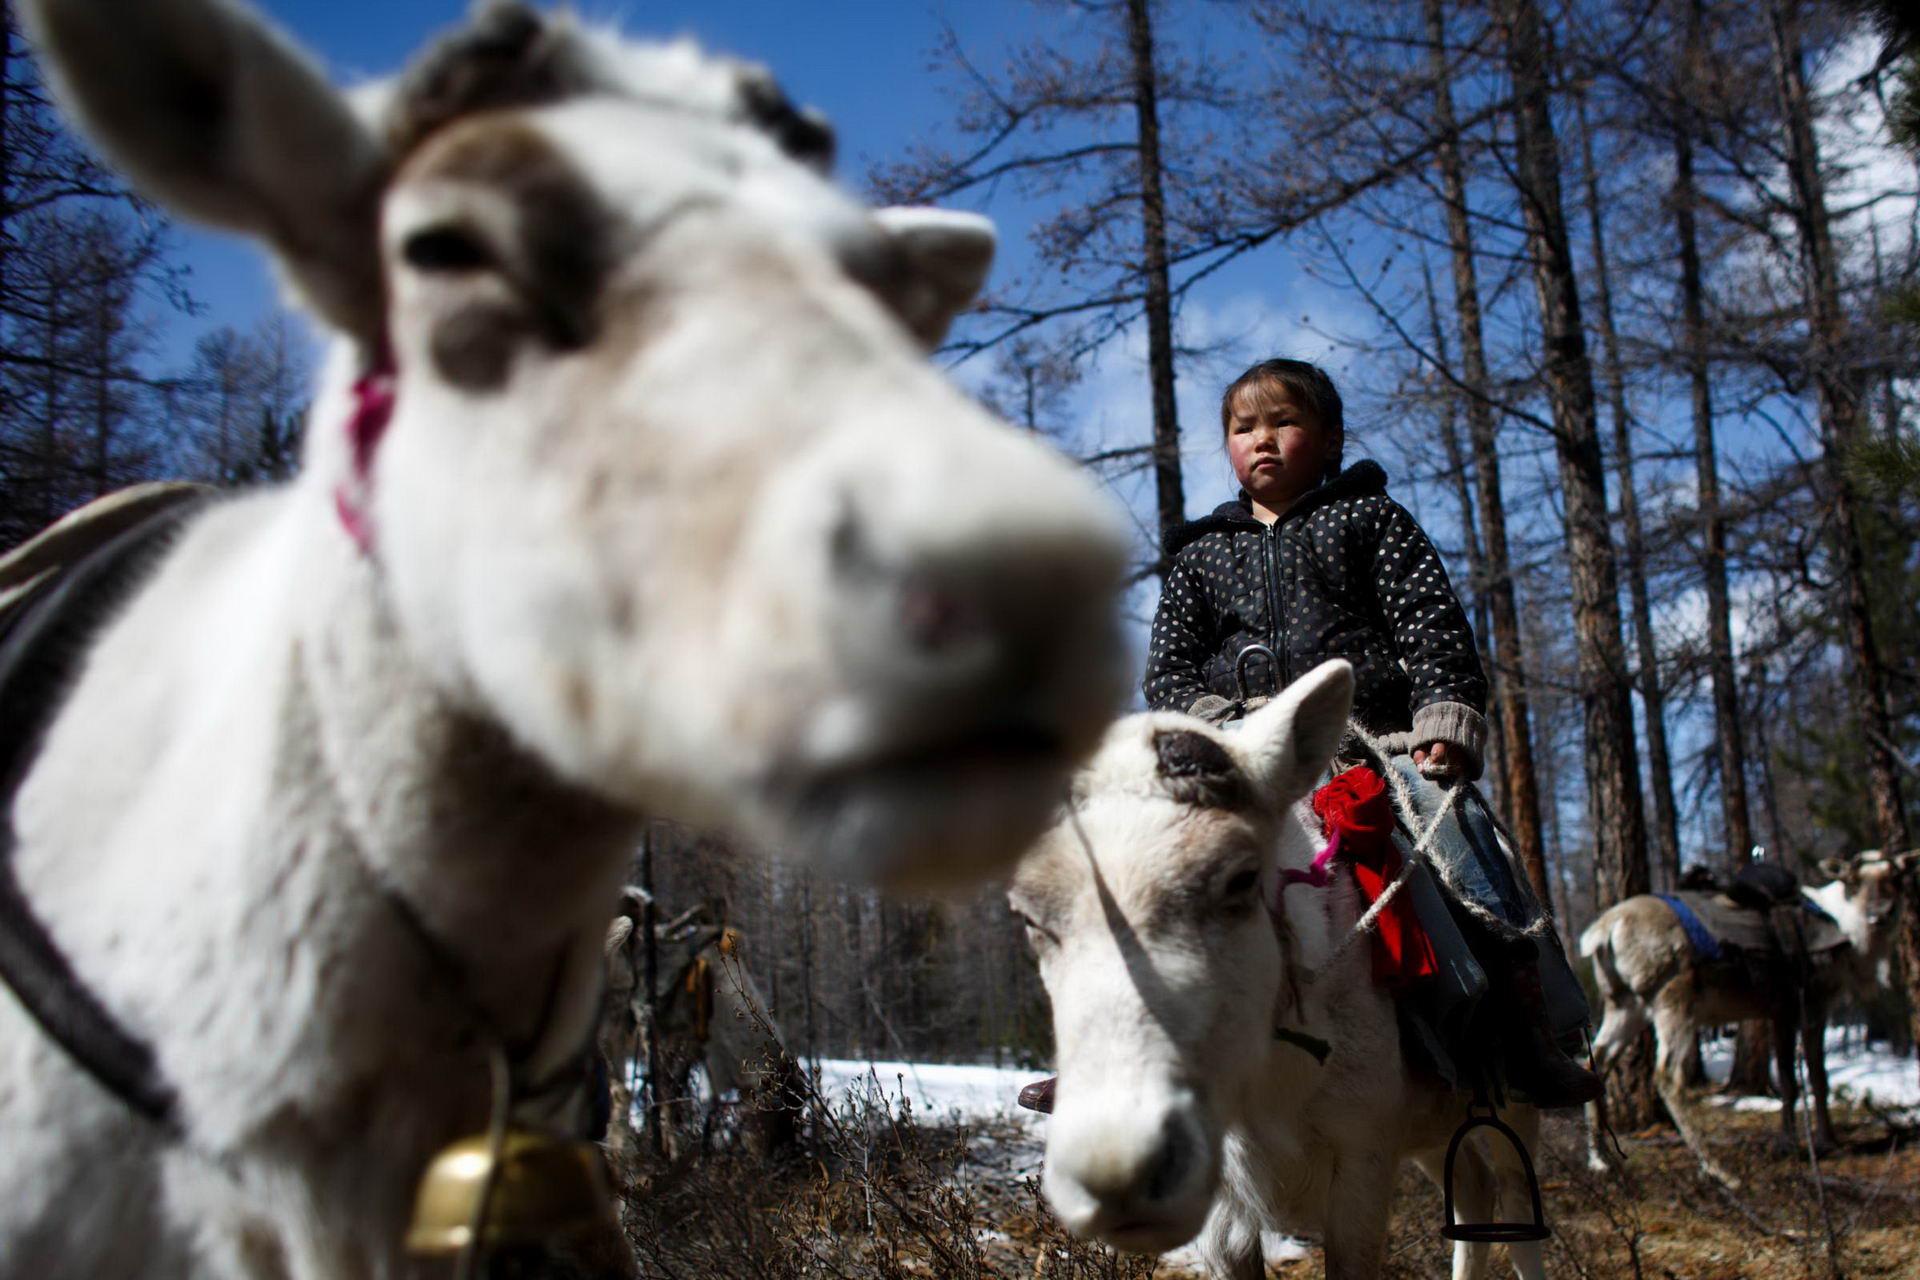 1527770372_mongolia_reindeer_herders_fear_lost_identity_002453_011